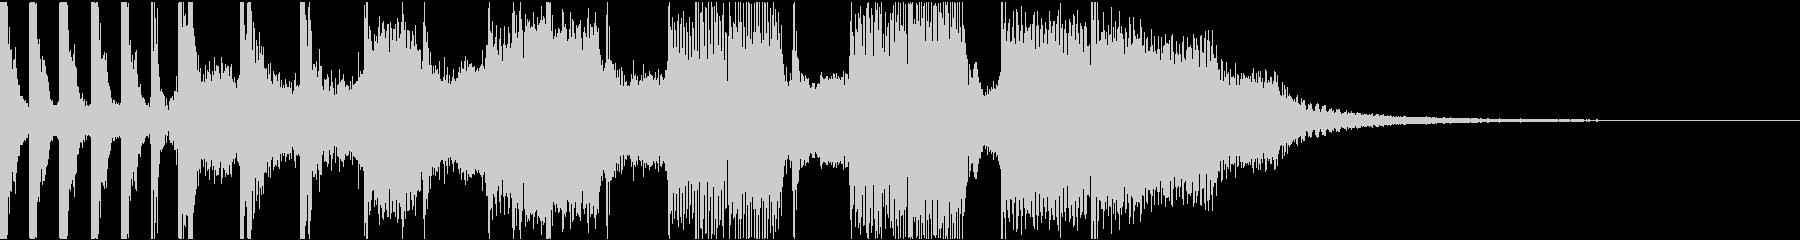 コーナータイトル_70SROCKの未再生の波形